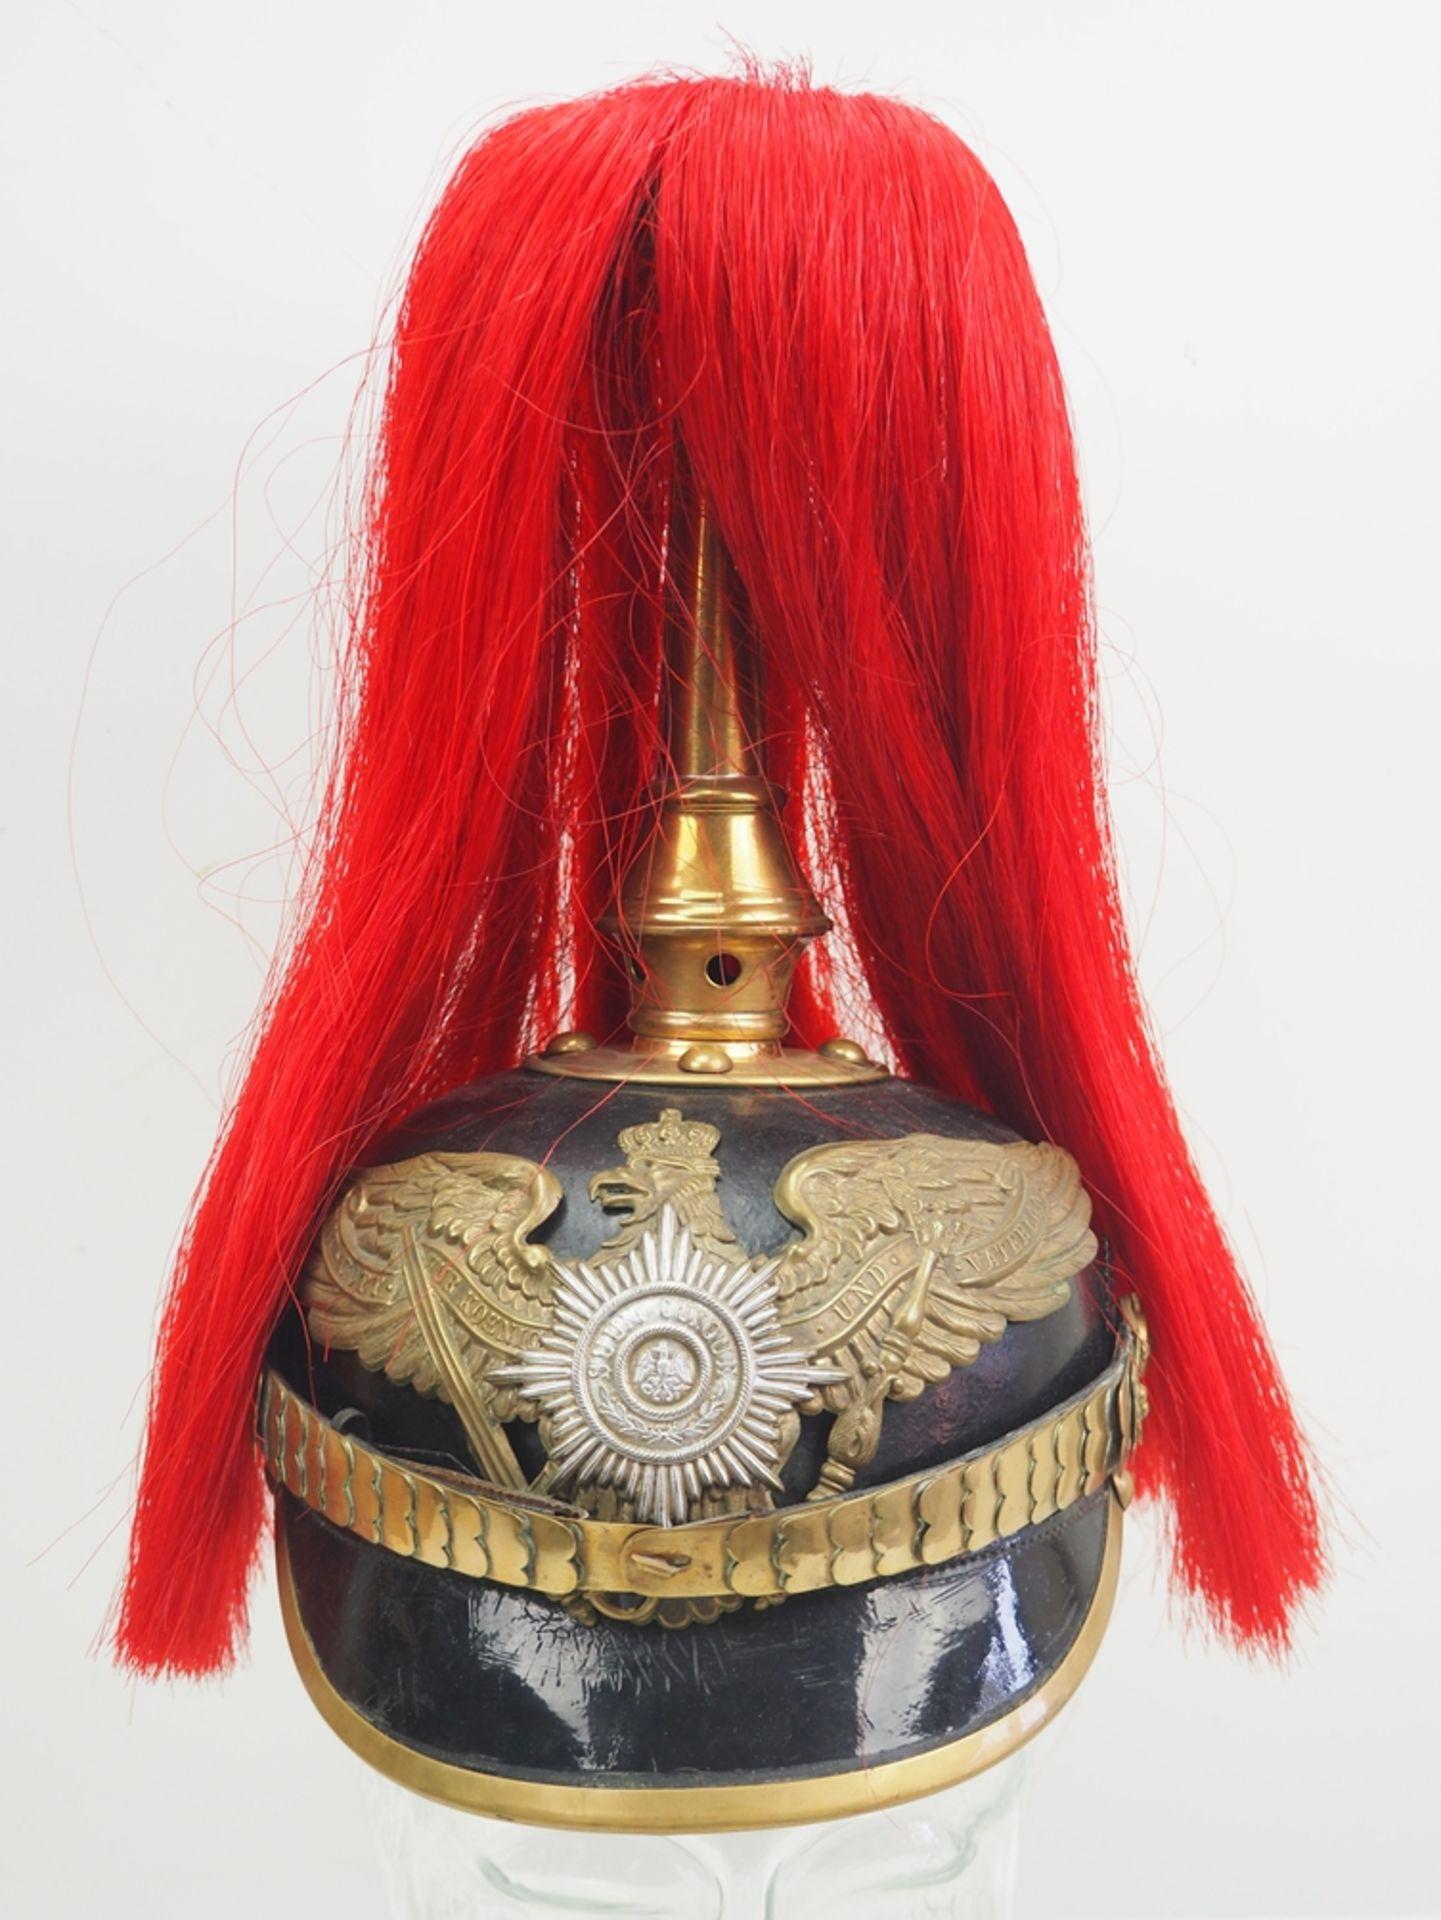 Preussen: Helm für Musiker der Garde-Grenadier-Regimenter mit Paradebusch - Kam